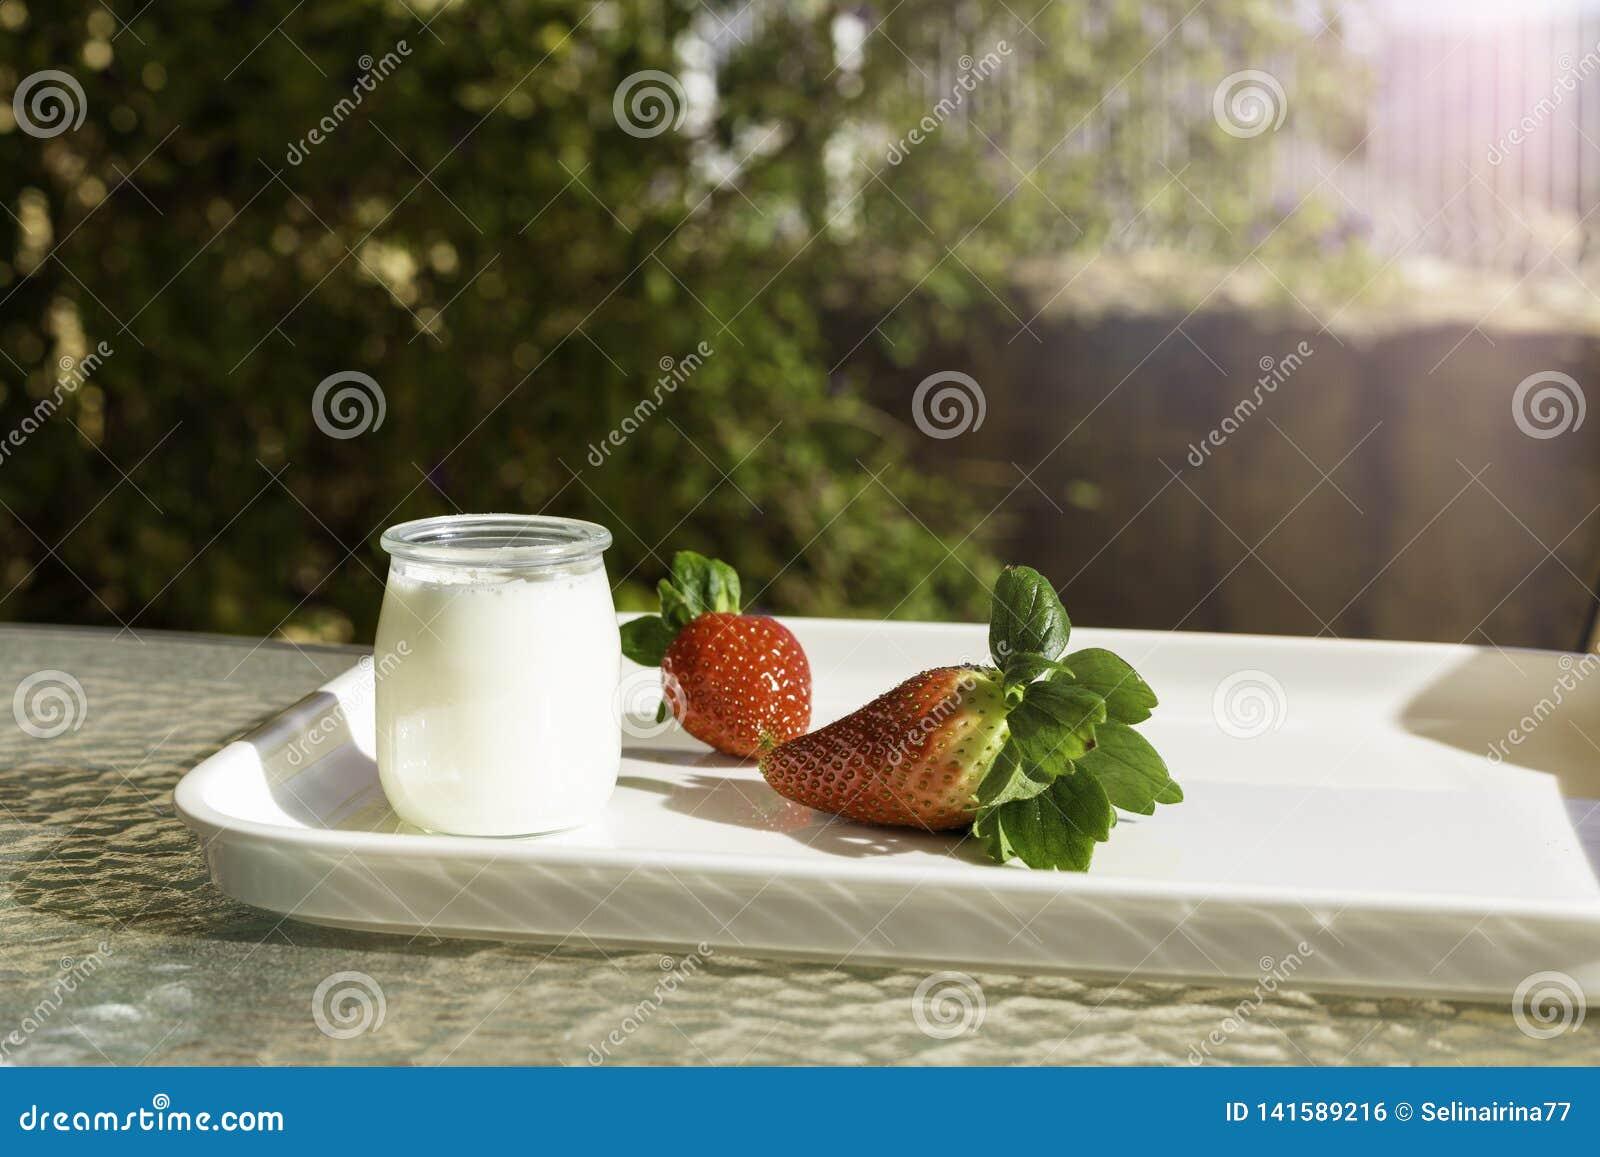 Morangos vermelhas frescas e iogurte branco em um frasco de vidro em uma bandeja branca em uma tabela no jardim ou no terraço em